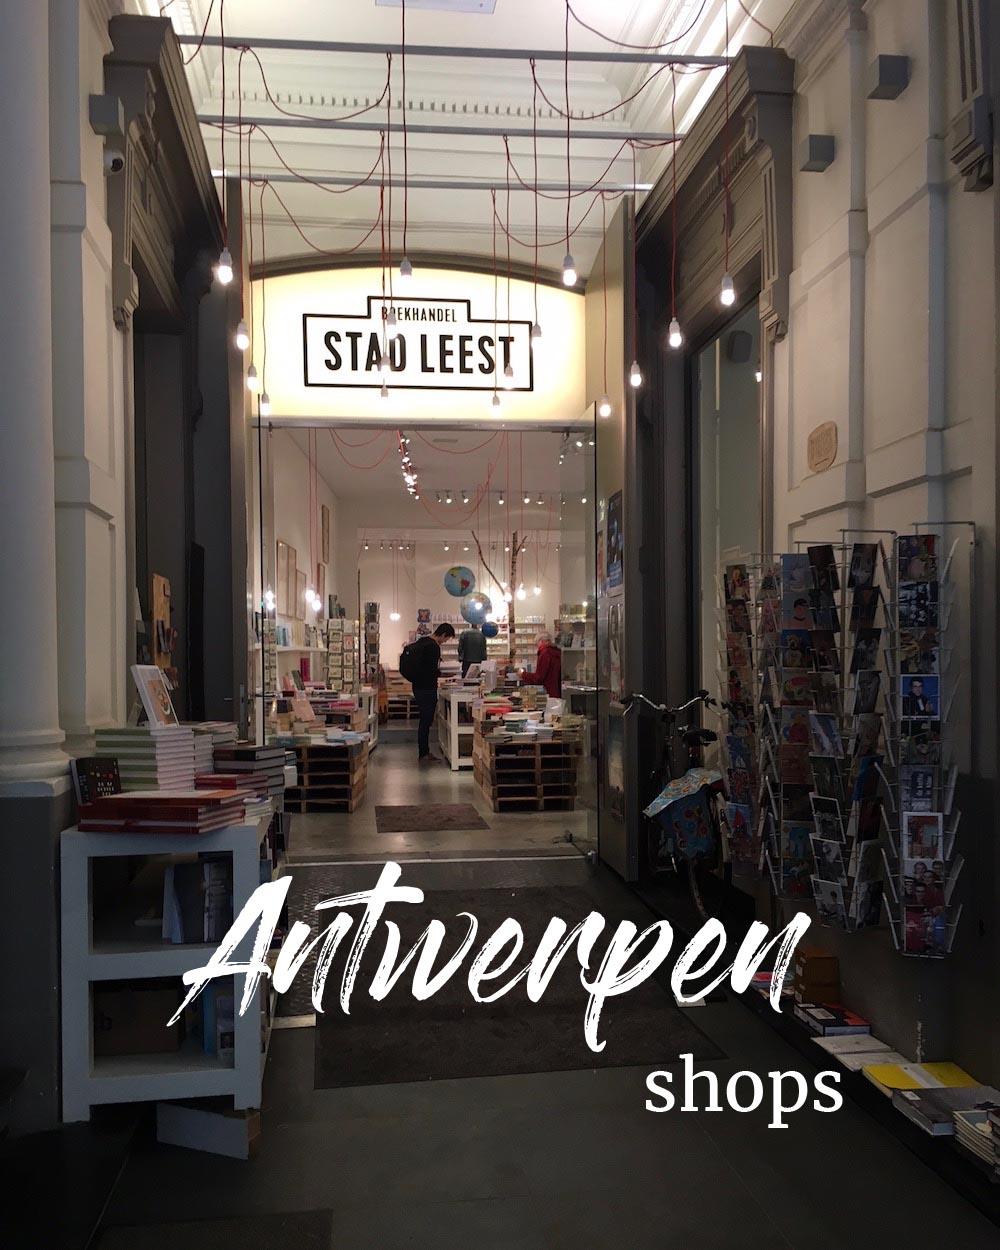 Shopping in Antwerpen